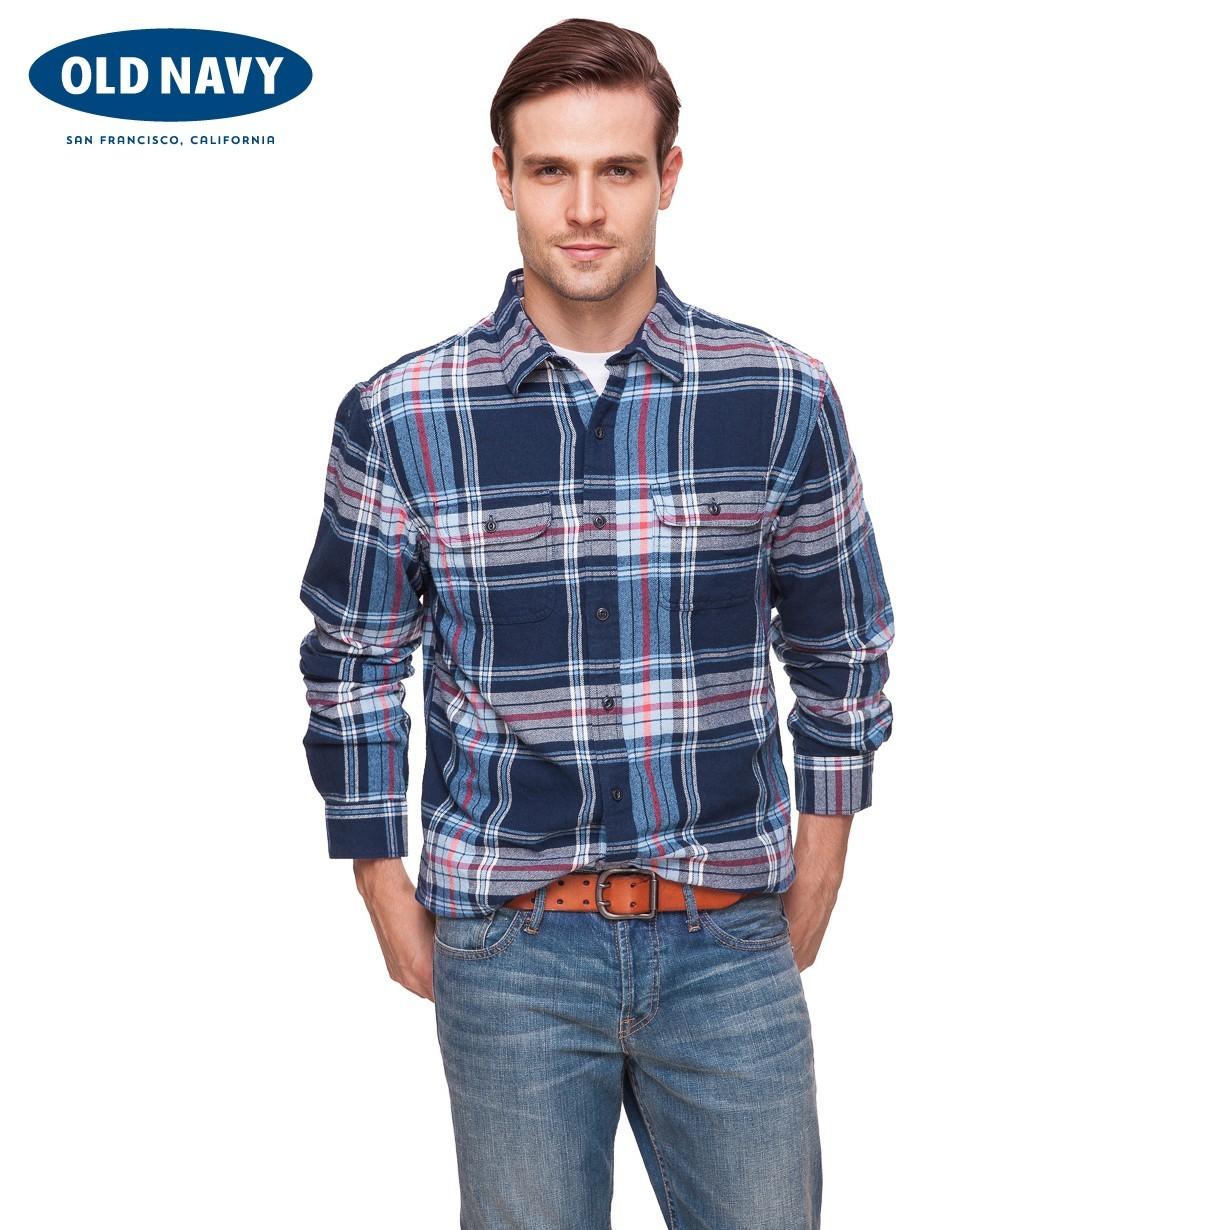 Рубашка мужская OLD NAVY 000119313 119313 джинсы мужские navy old